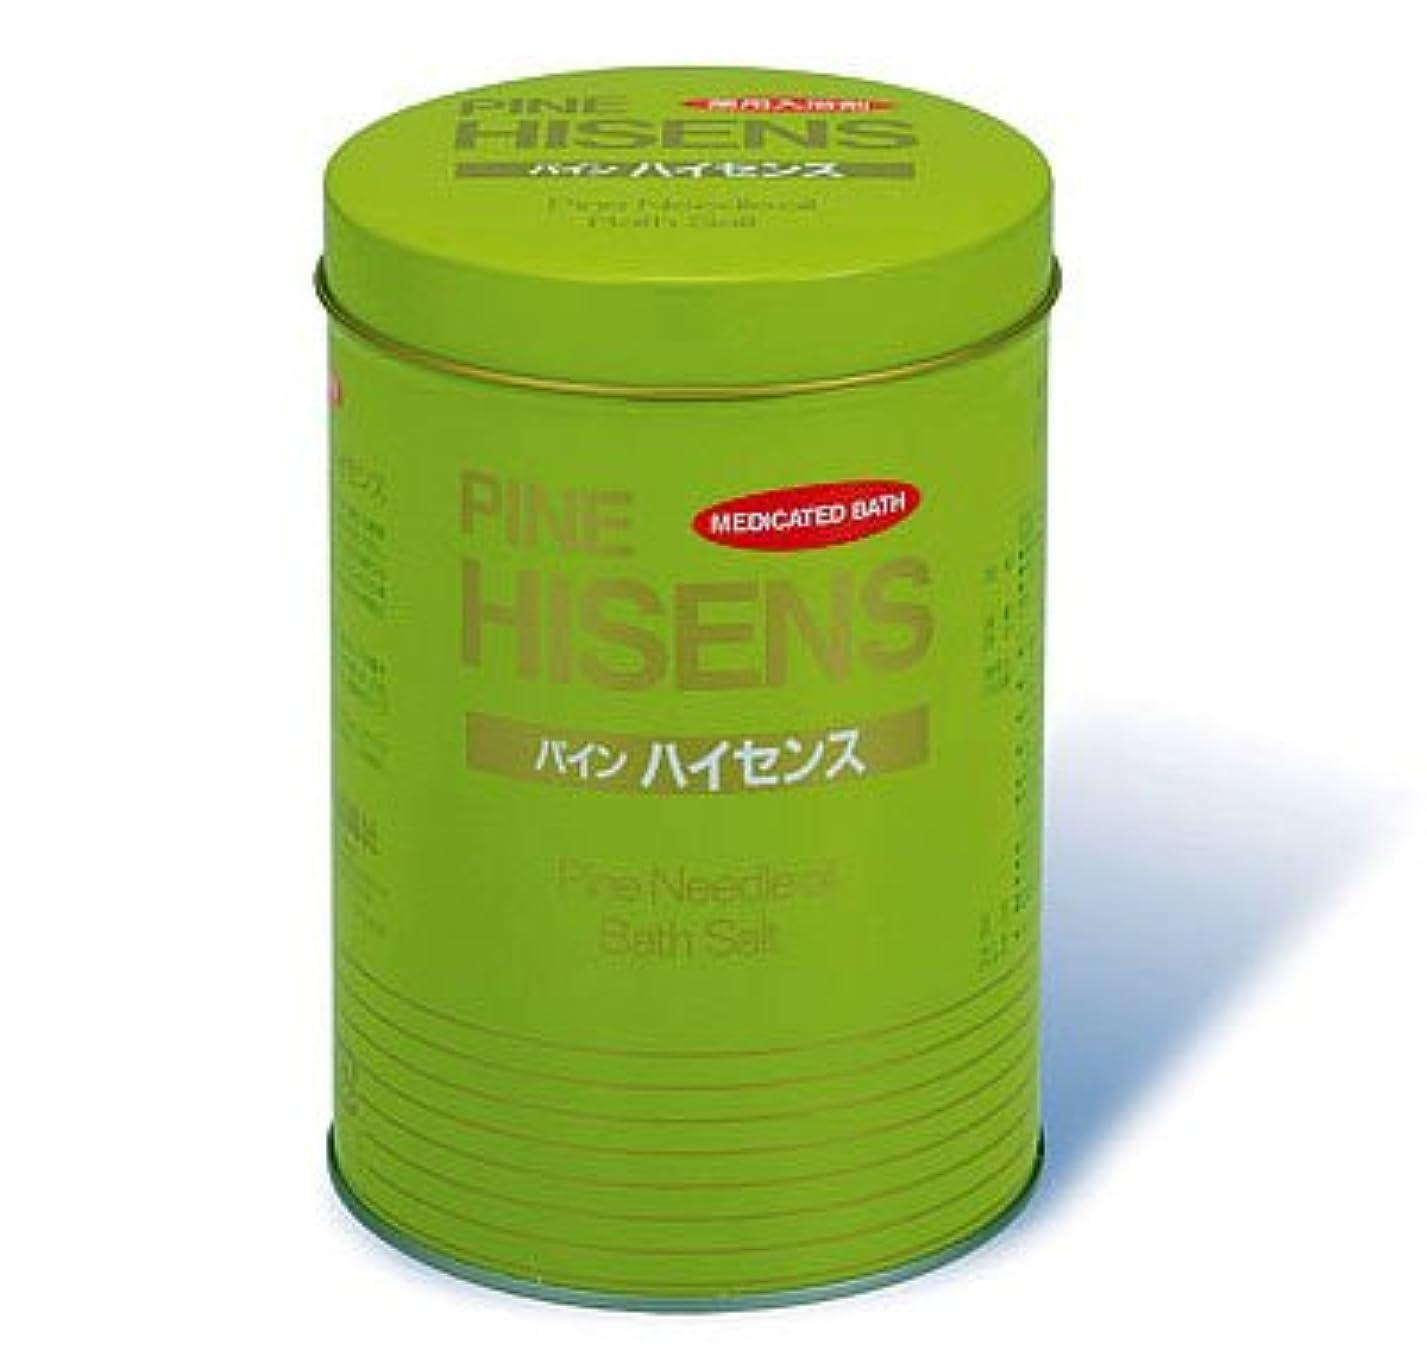 物理学者屋内ばかげた高陽社 薬用入浴剤 パインハイセンス 2.1kg 1缶